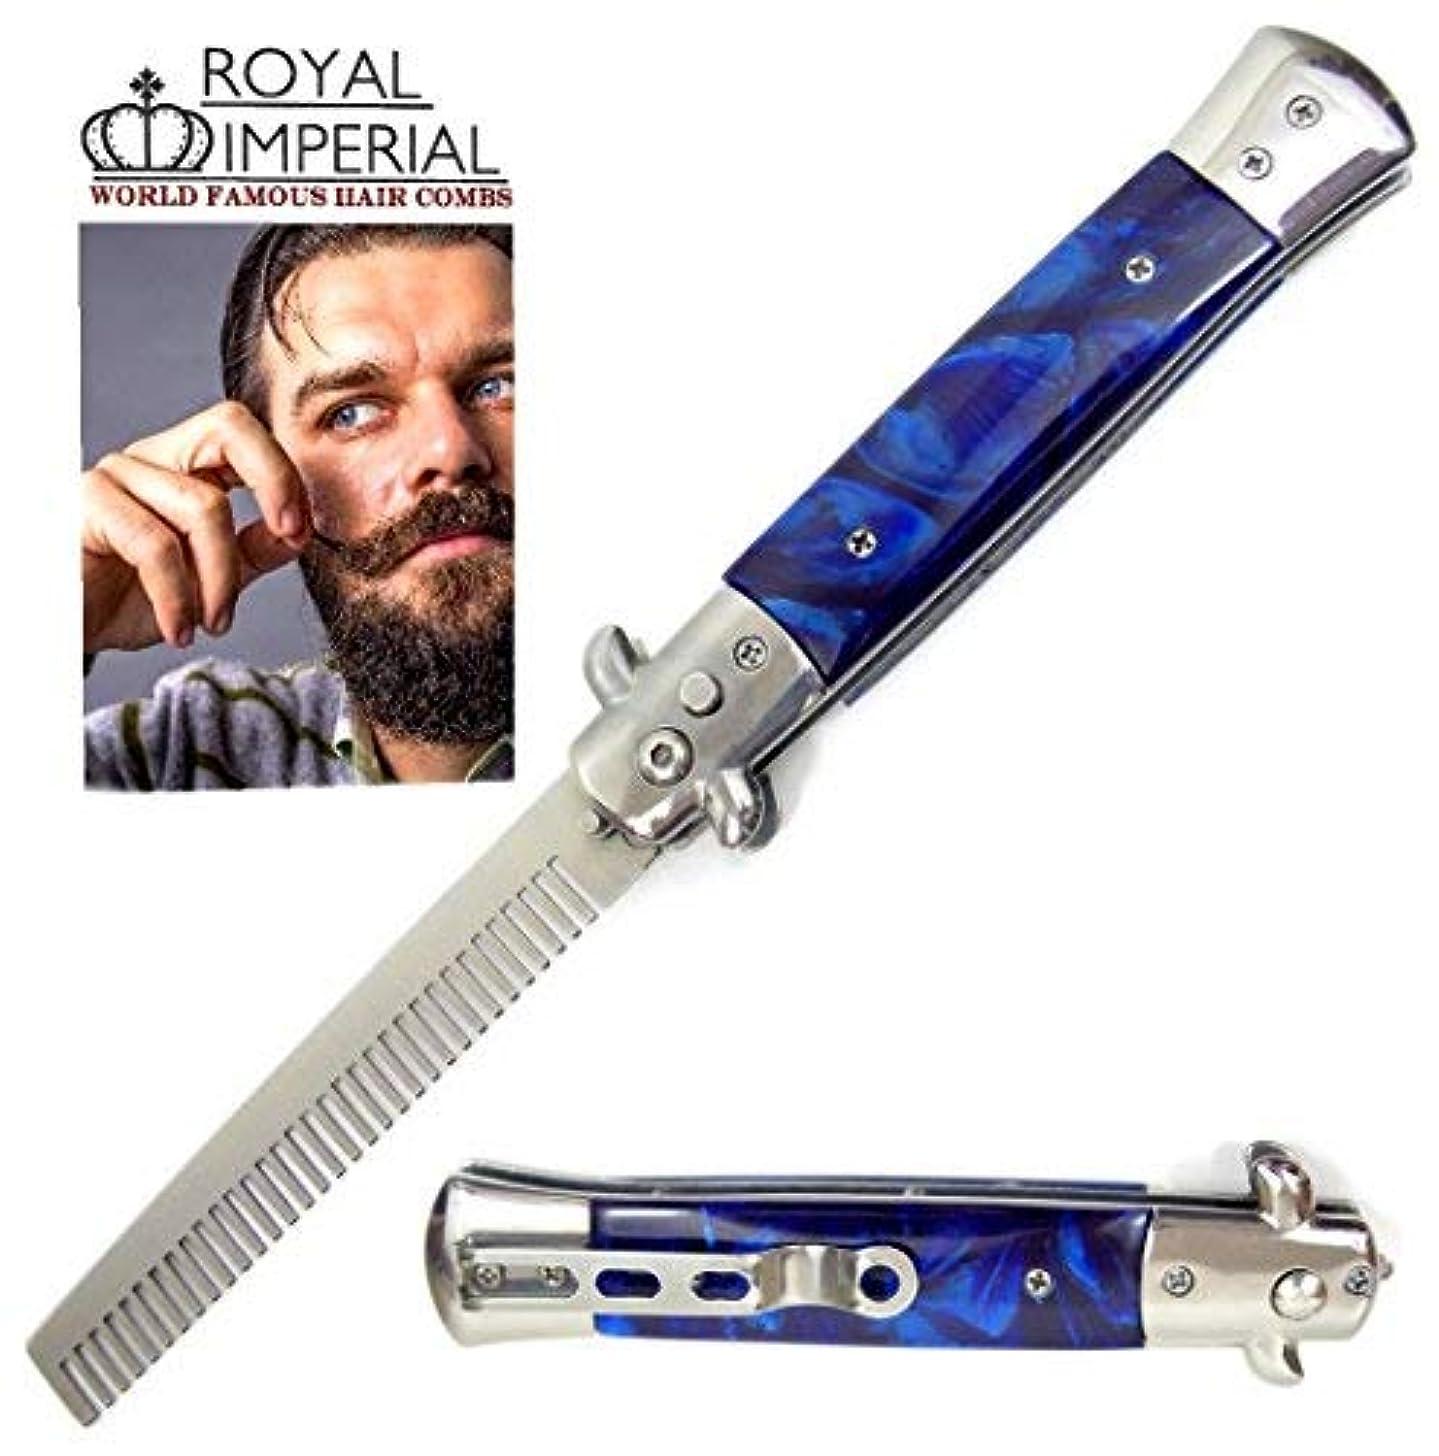 暗唱するフォアマン決定的Royal Imperial Metal Switchblade Pocket Folding Flick Hair Comb For Beard, Mustache, Head BLUE CYCLONE Handle ~ INCLUDES Beard Fact Wallet Book ~ Nicer Than Butterfly Knife Trainer [並行輸入品]